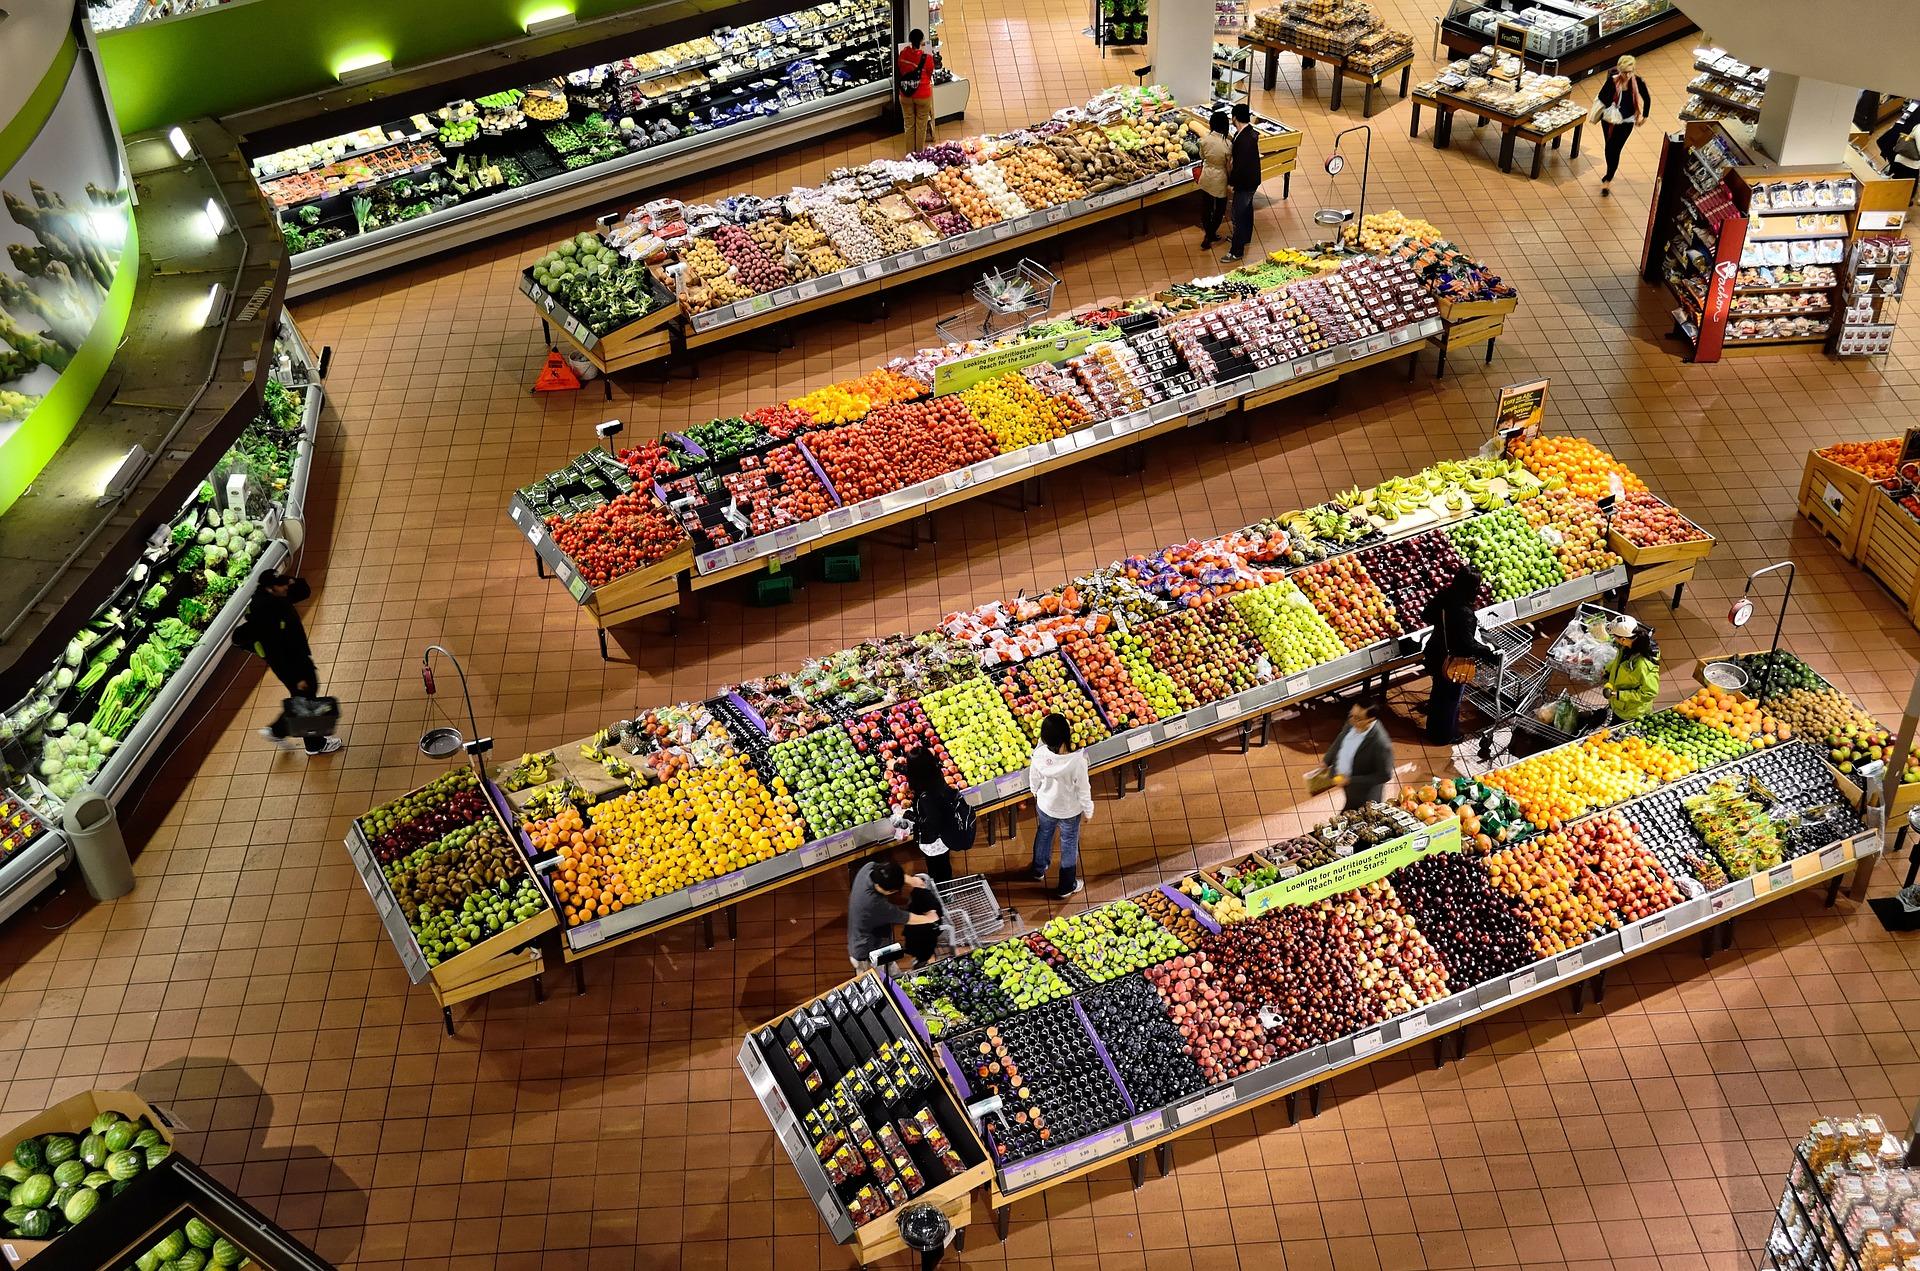 alimente care nu sunt sanatoase - sfatulparintilor.ro - pixabay_com - supermarket-949913_1920